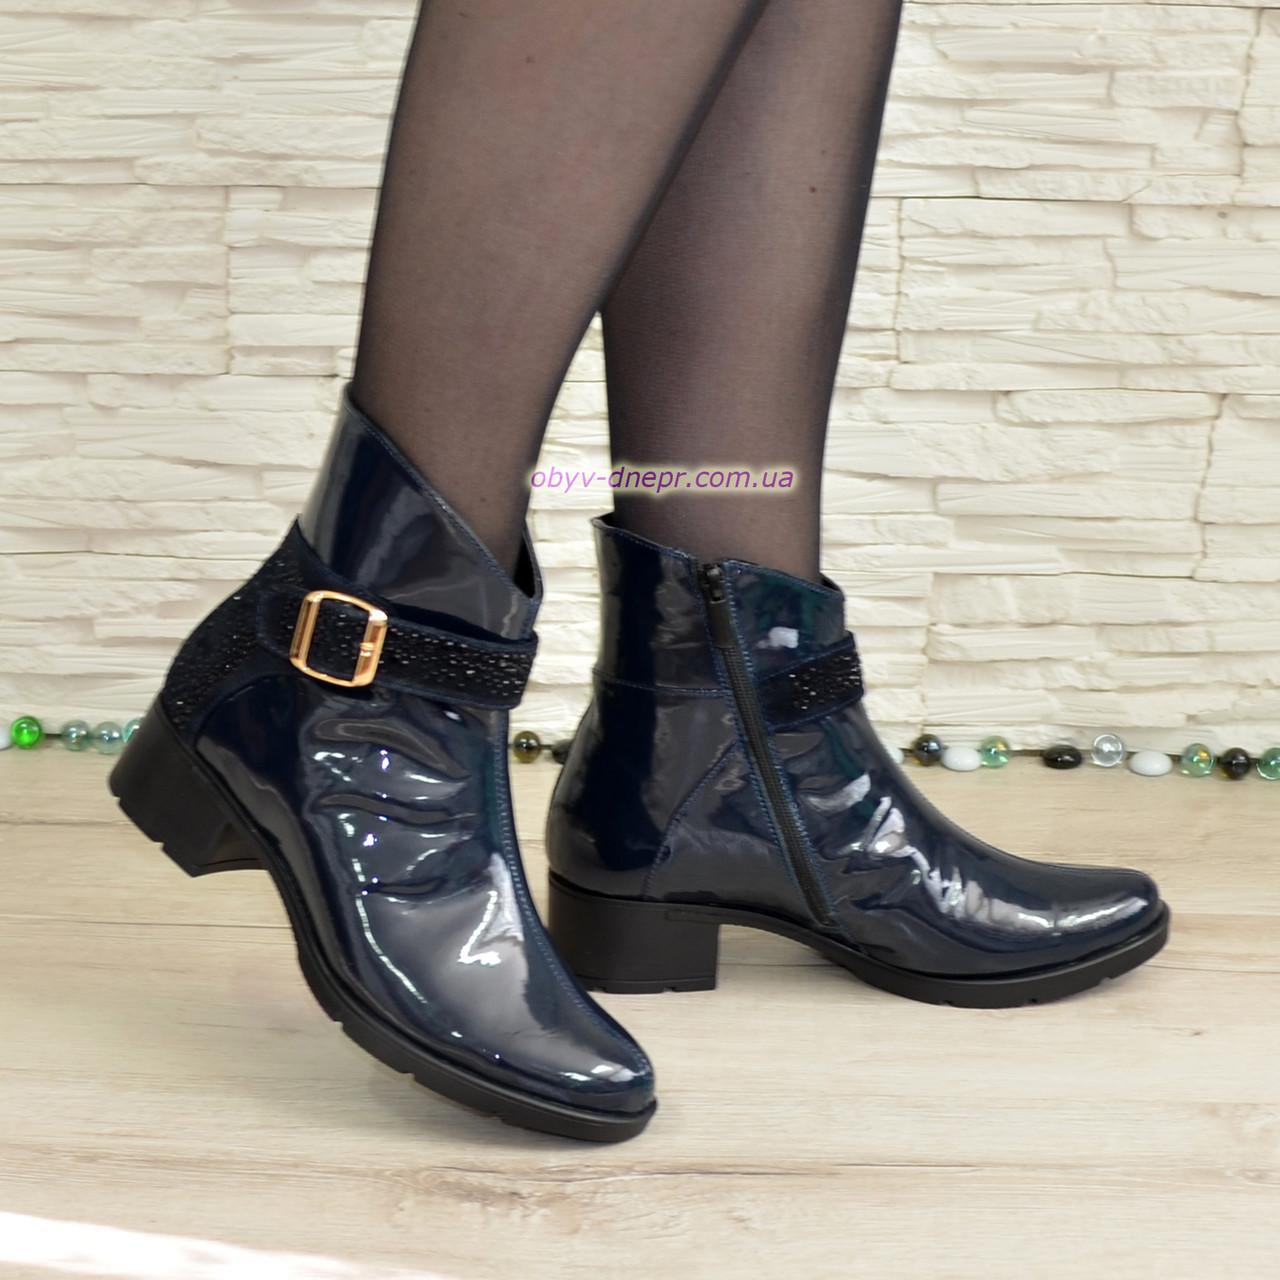 4c6b78cfa Стильные женские демисезонные ботинки, из лаковой синей кожи, декорированы  стразами.